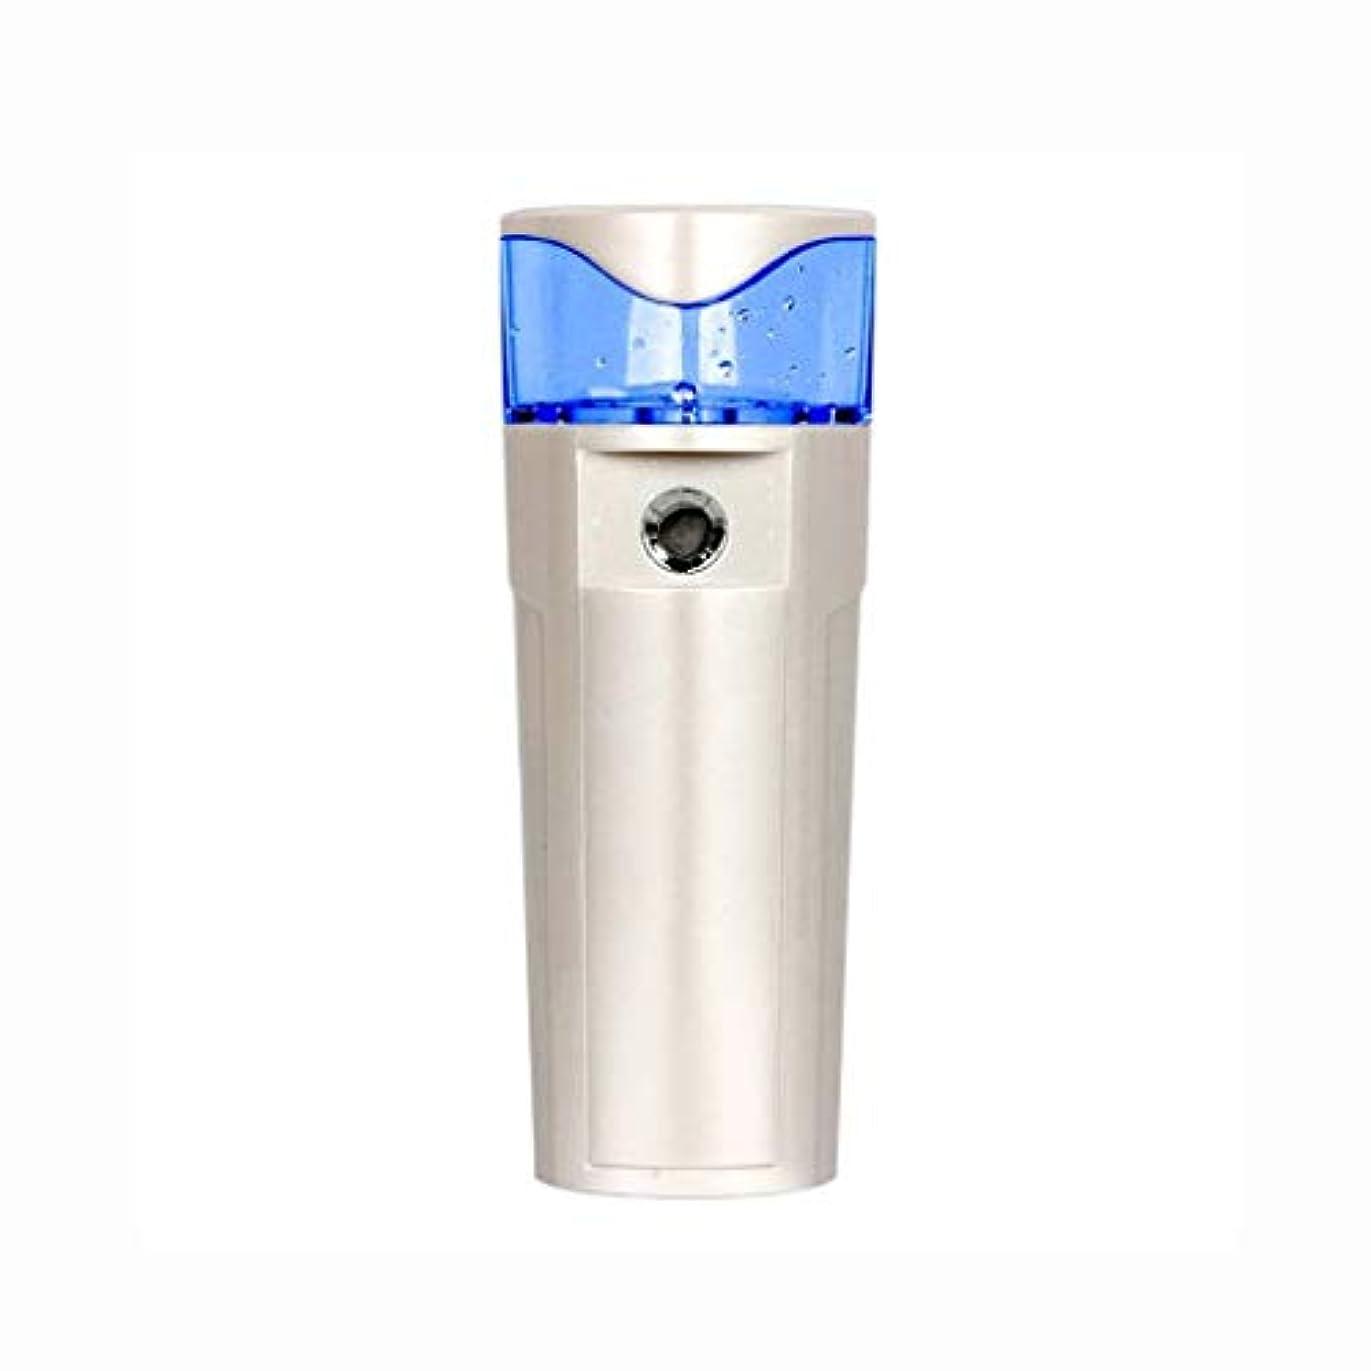 フィルタうるさい一緒にスプレーポータブルクールスプレーフェイシャルスプレーモイスチャライジングモイスチャライジングおよびモイスチャライジングスチーマーモバイル電源usb充電美容スキンケア楽器 (色 : シルバーホワイト)